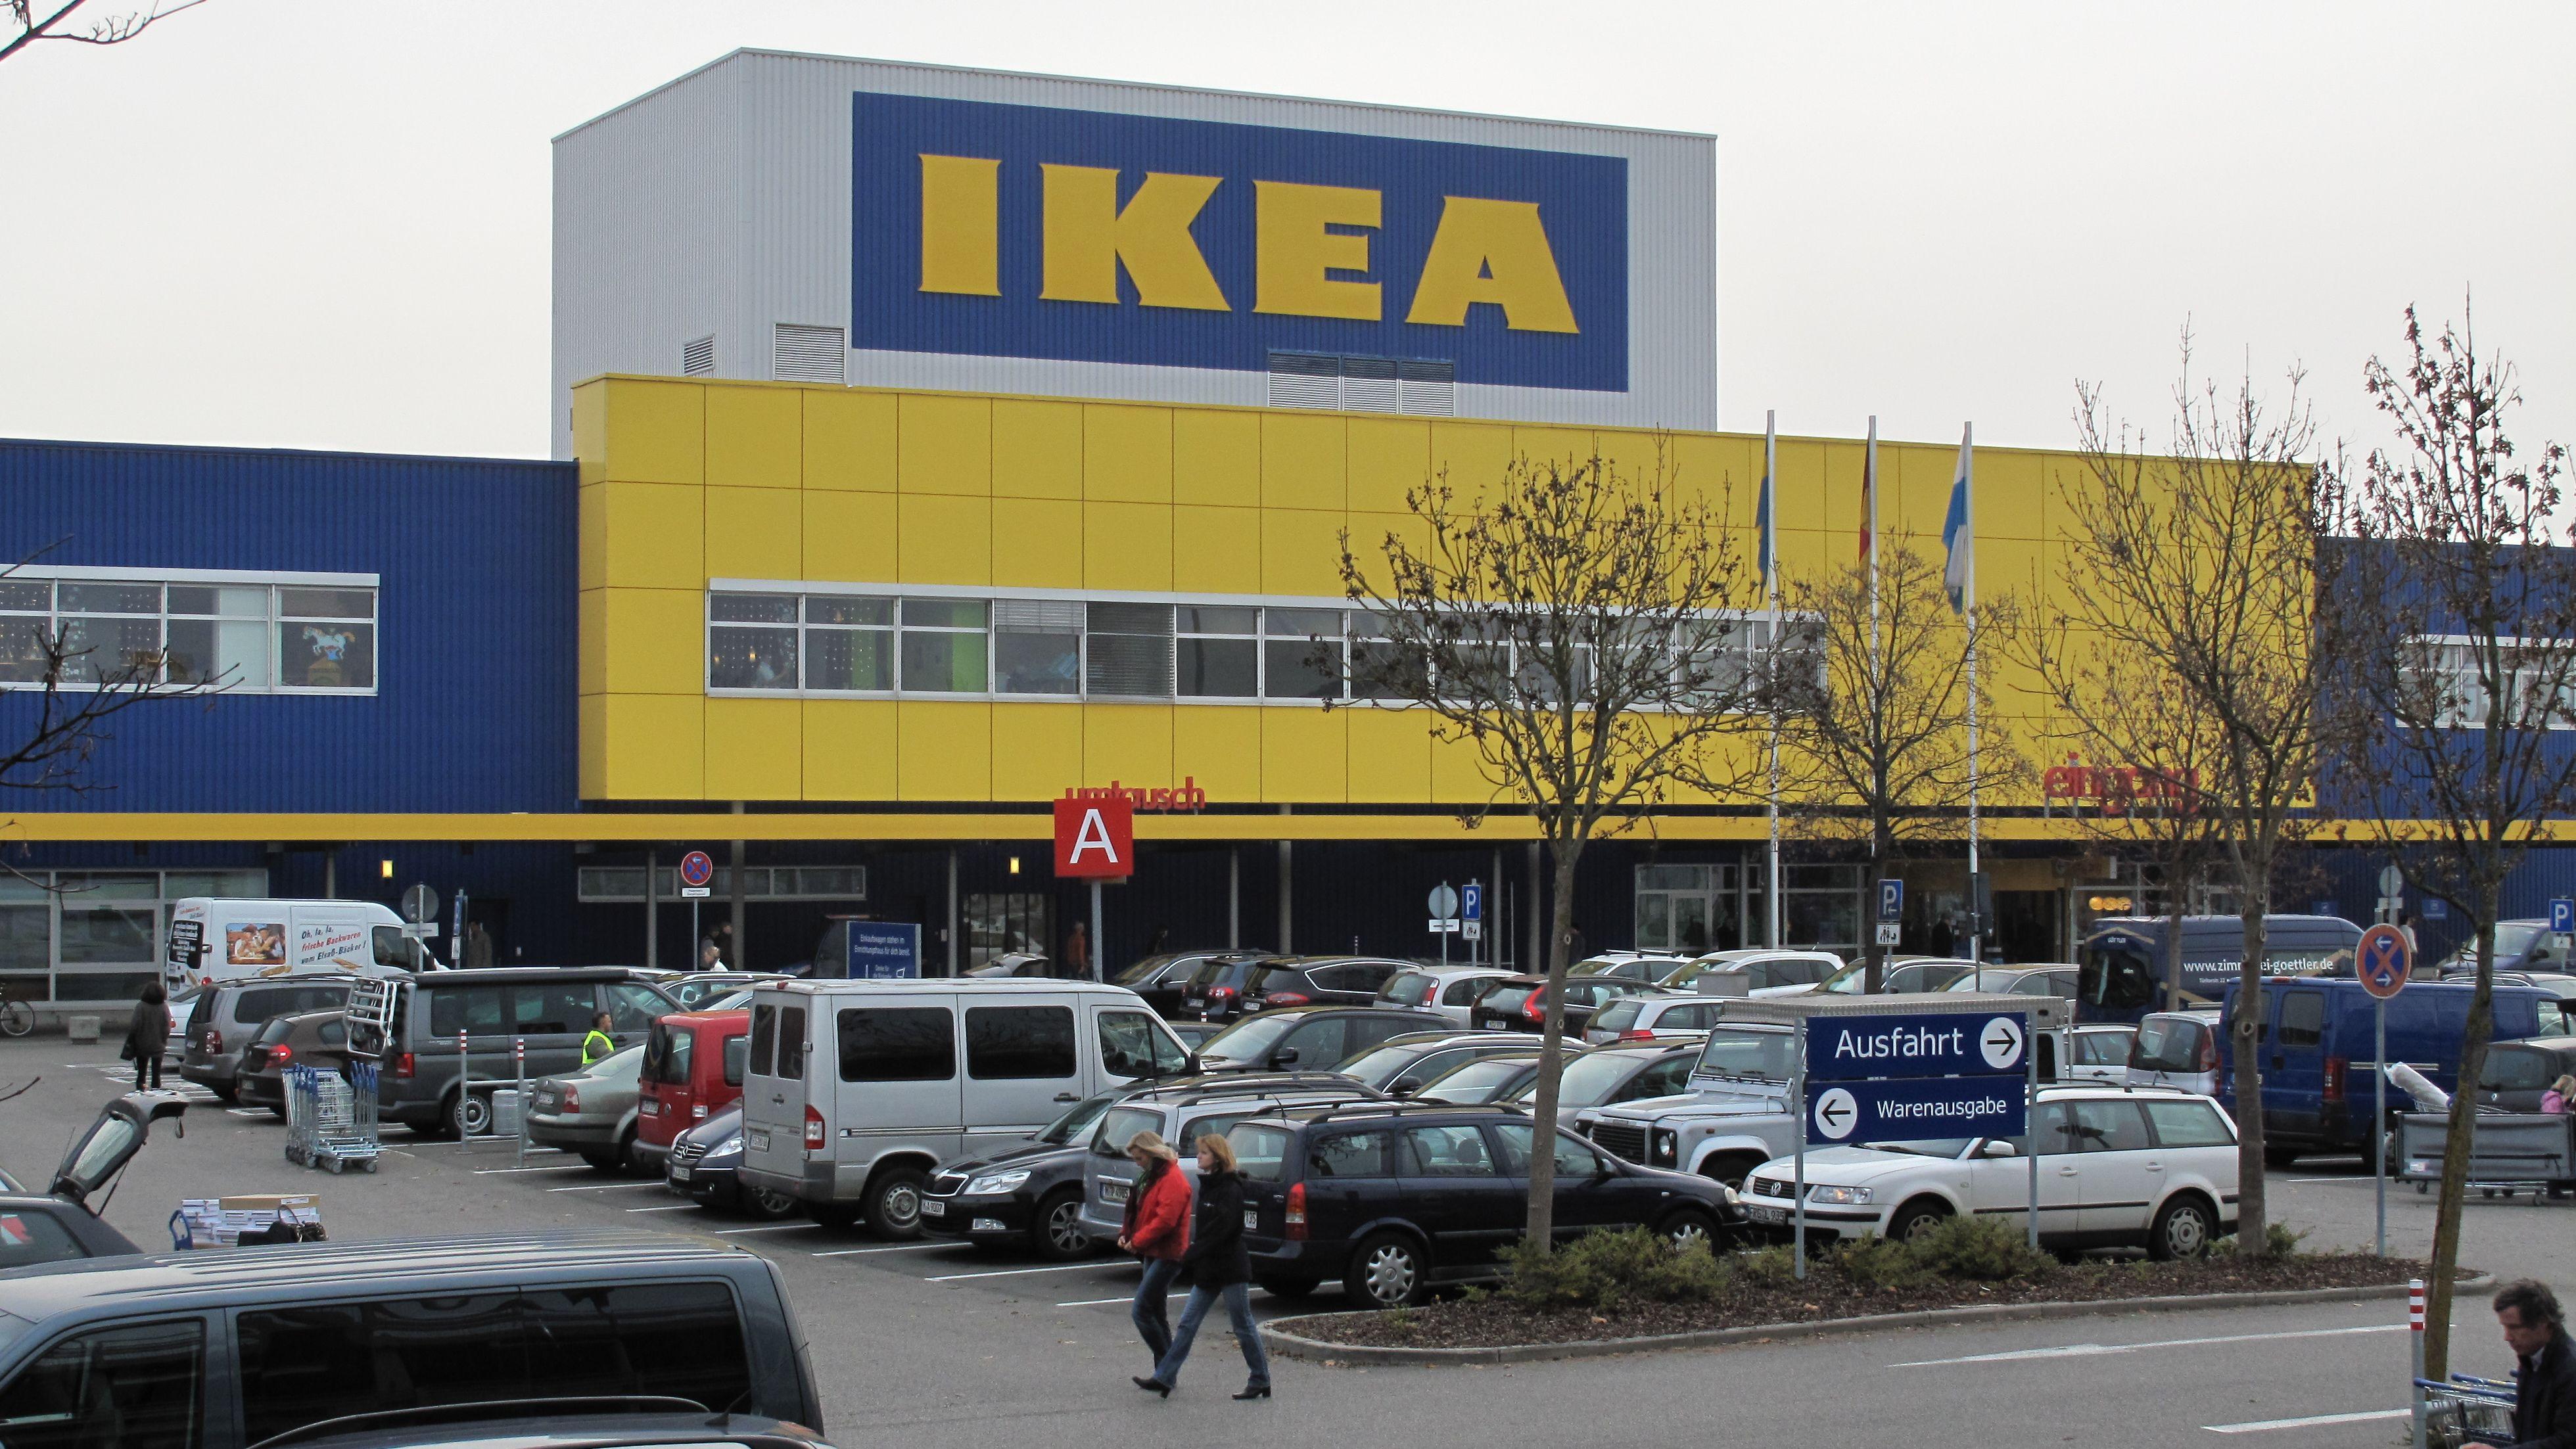 Ikea-Einrichtungshaus in München-Eching